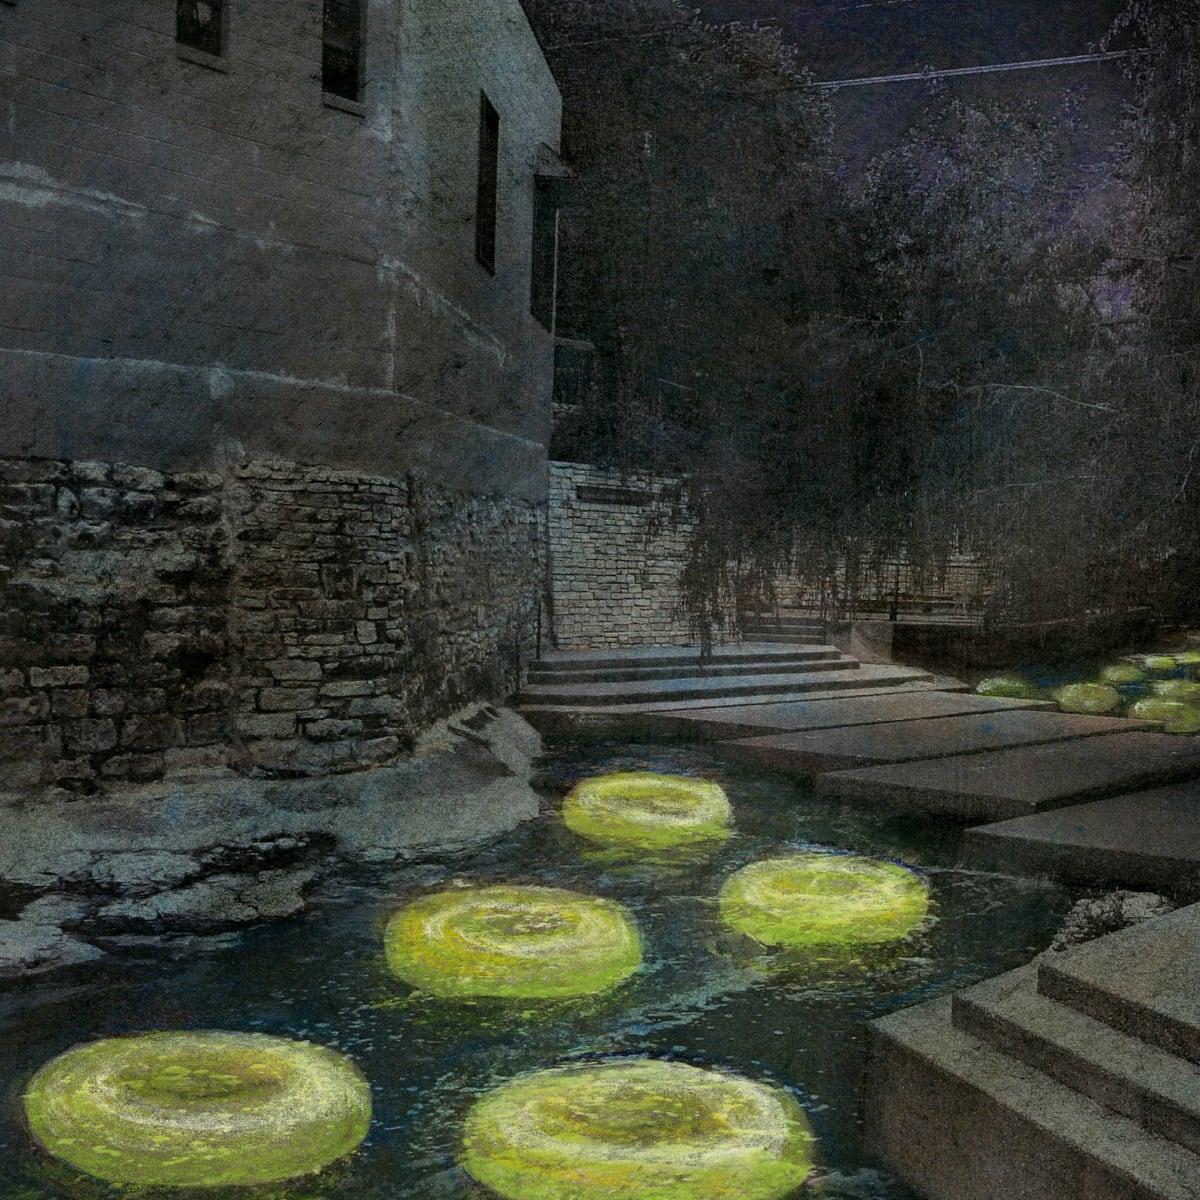 Waller Creek Show 2015 Floating the Waller Ten Eyck Landscape Architects rendering 2